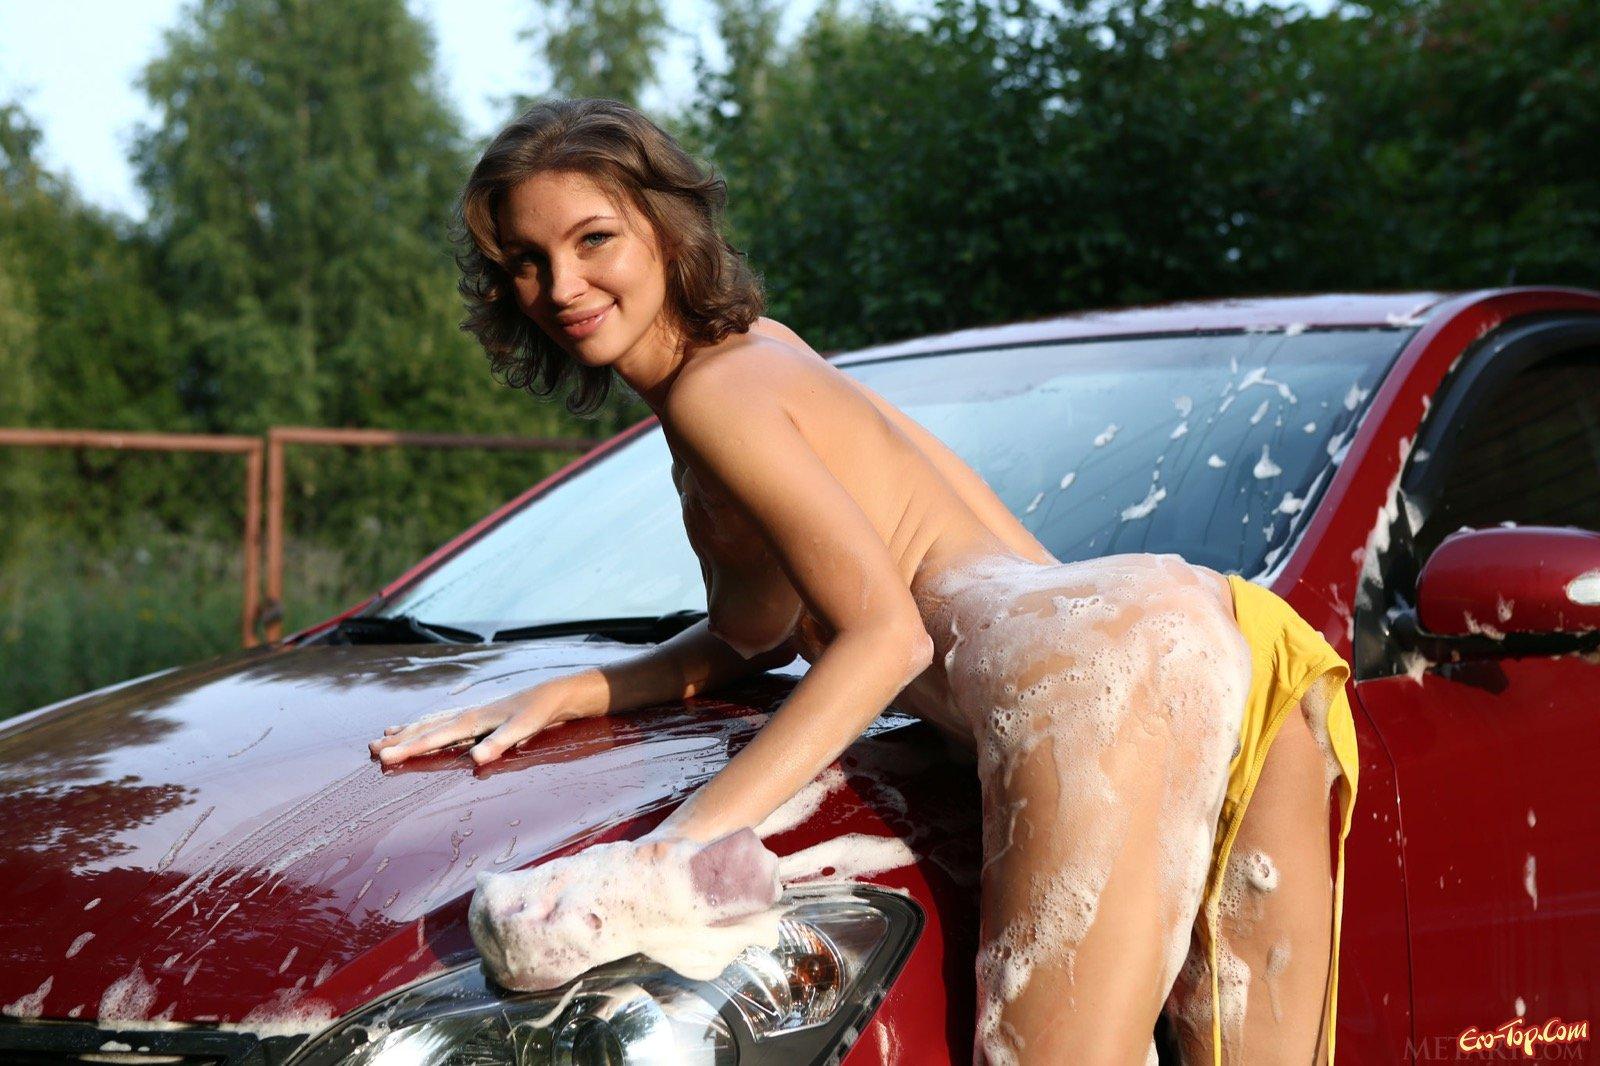 Голая девушка эротично моет машину обливаясь водой